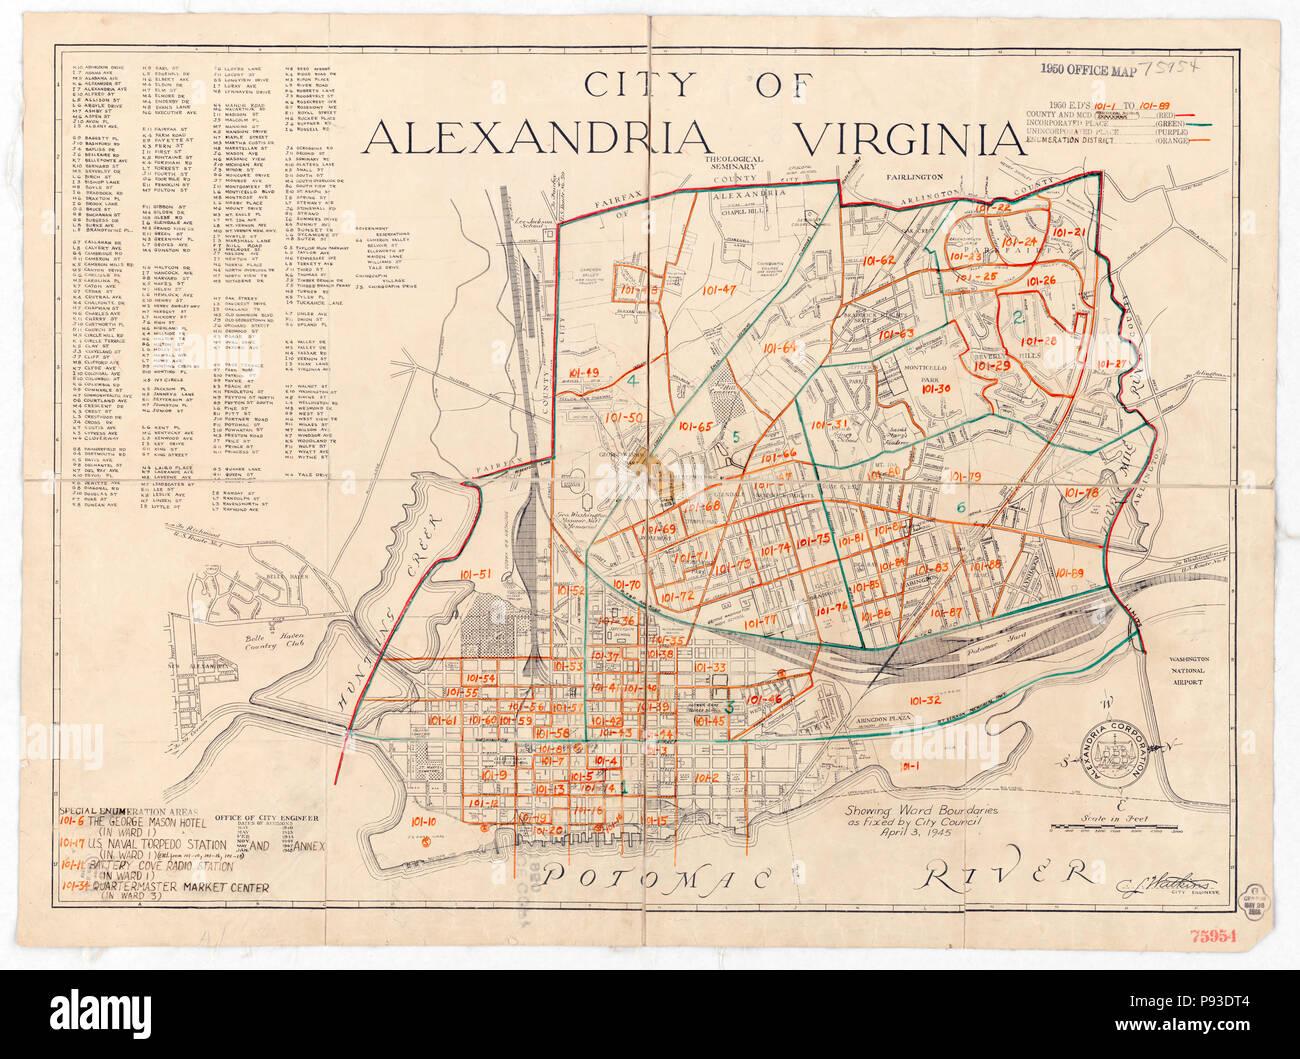 1950 Census Enumeration District Maps - Virginia (VA) - Alexandria City - Stock Image